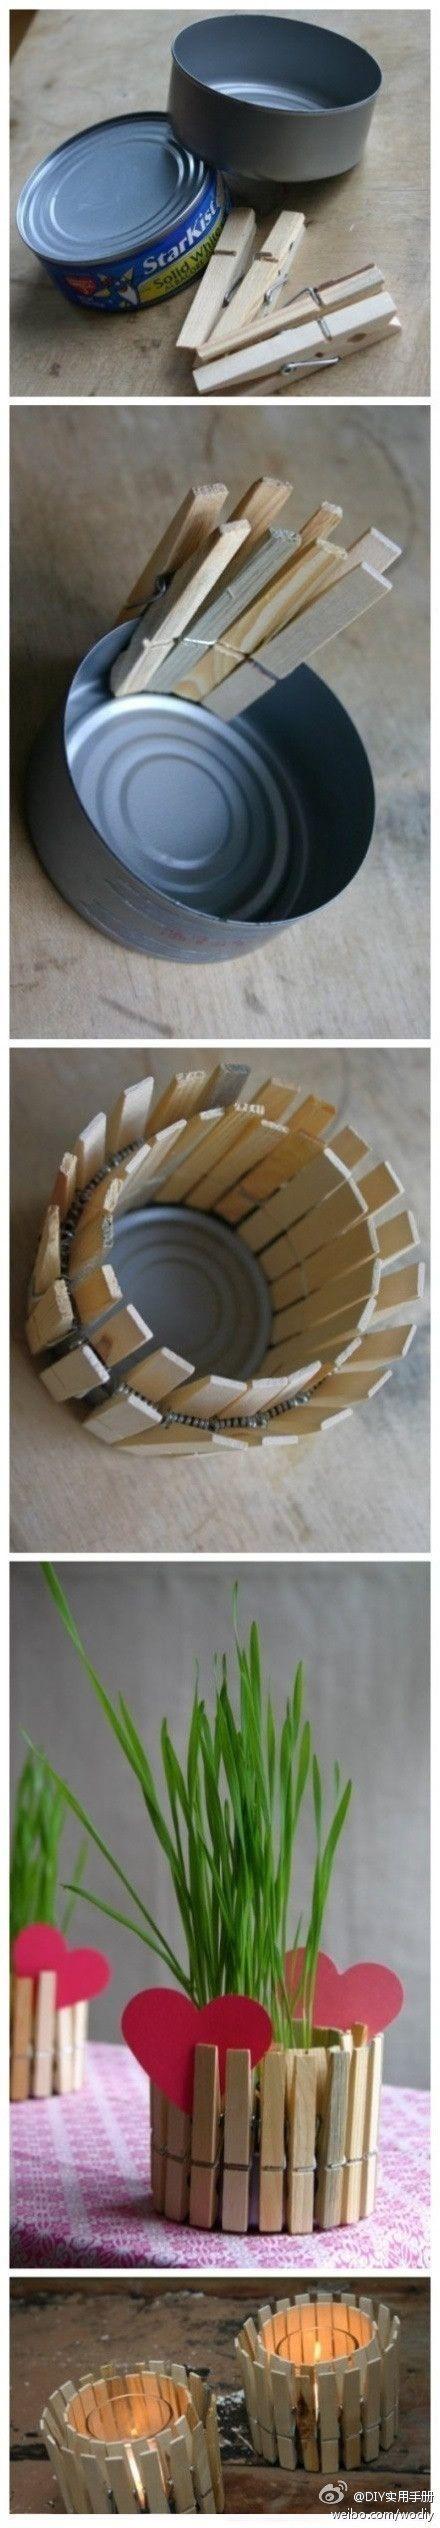 Cubre macetas hecho con latas y pinzas